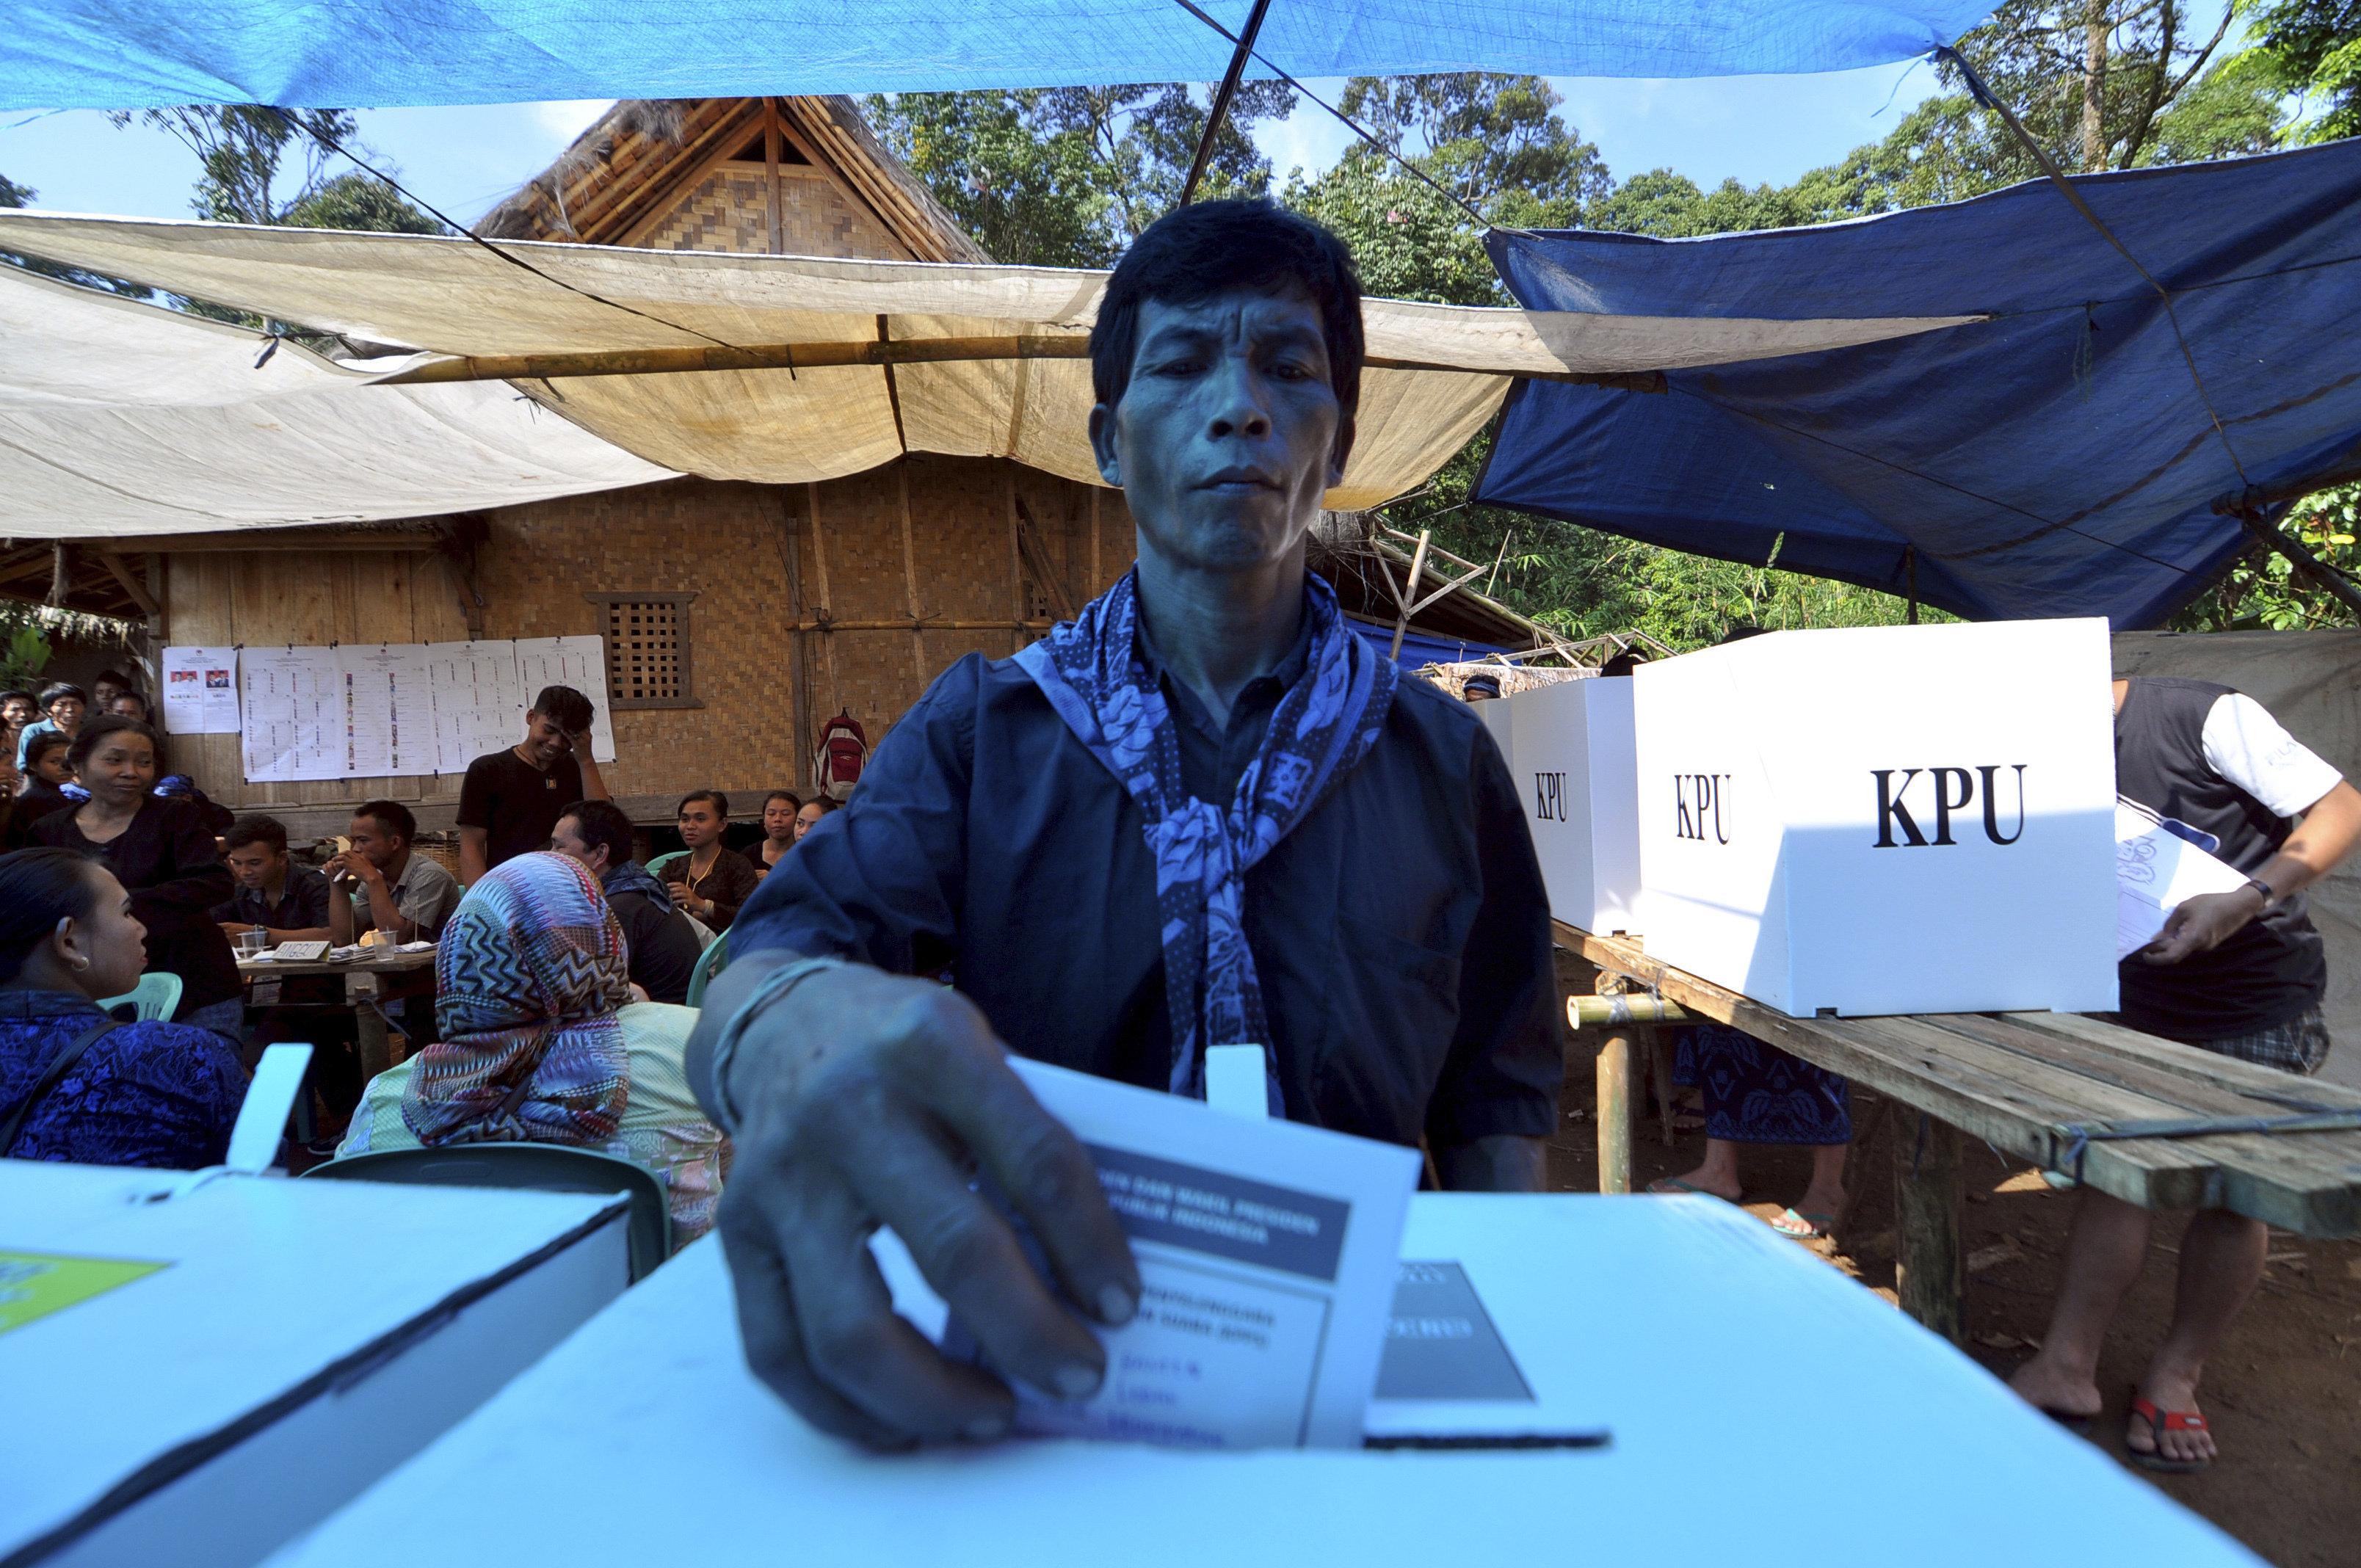 Τριτοκοσμικές εκλογές στην Ινδονησία: Πέθαναν 270 υπάλληλοι μετρώντας